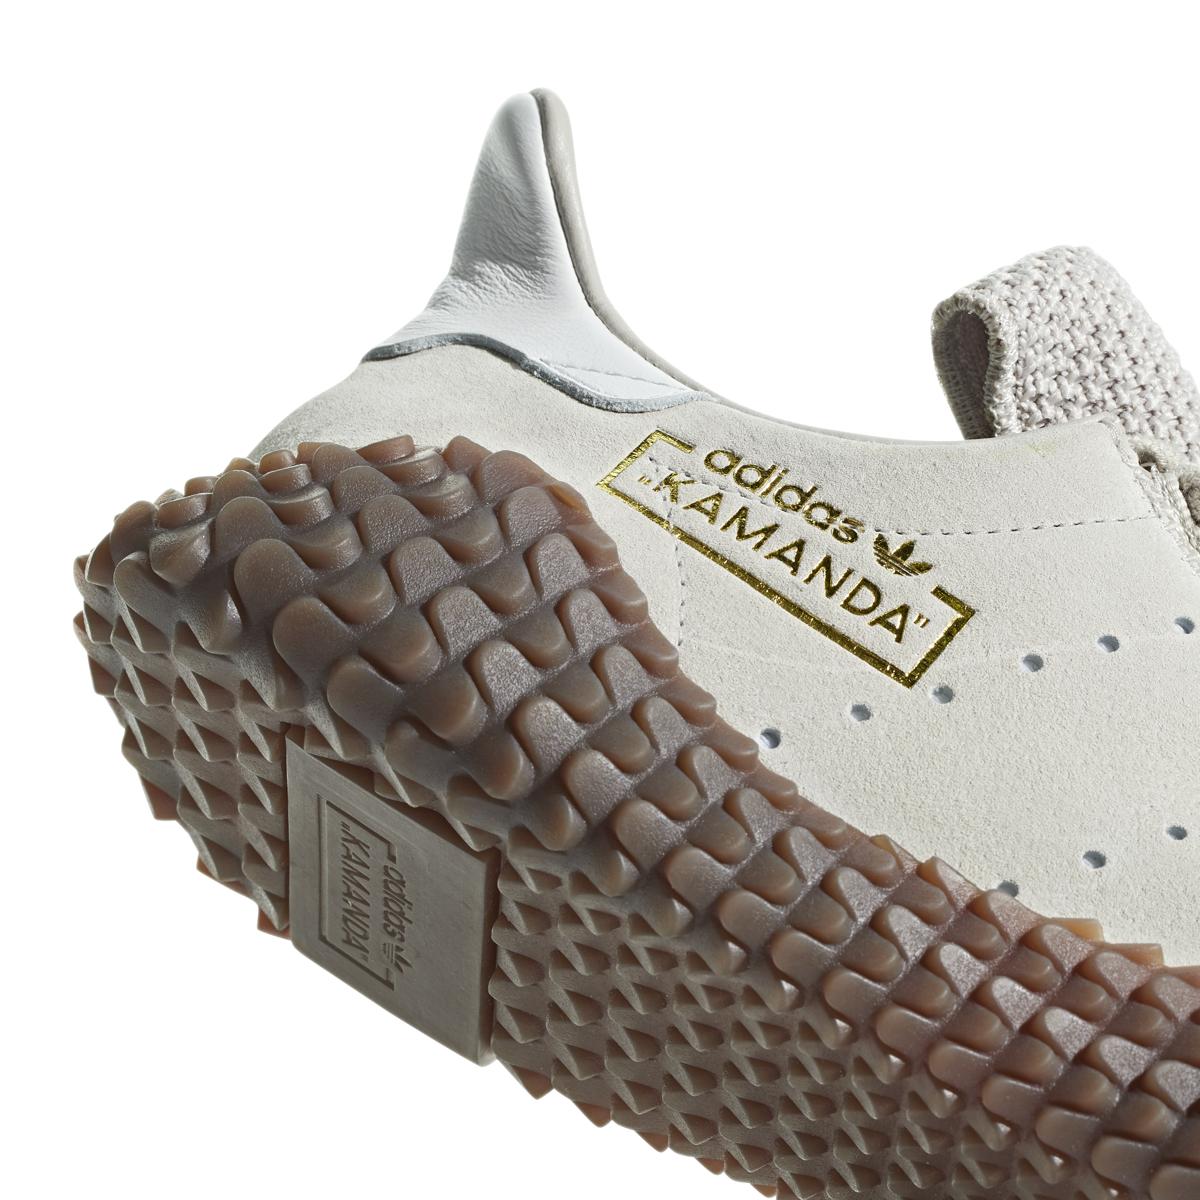 Adidas Kamanda 01 in Clear Brown (Cream